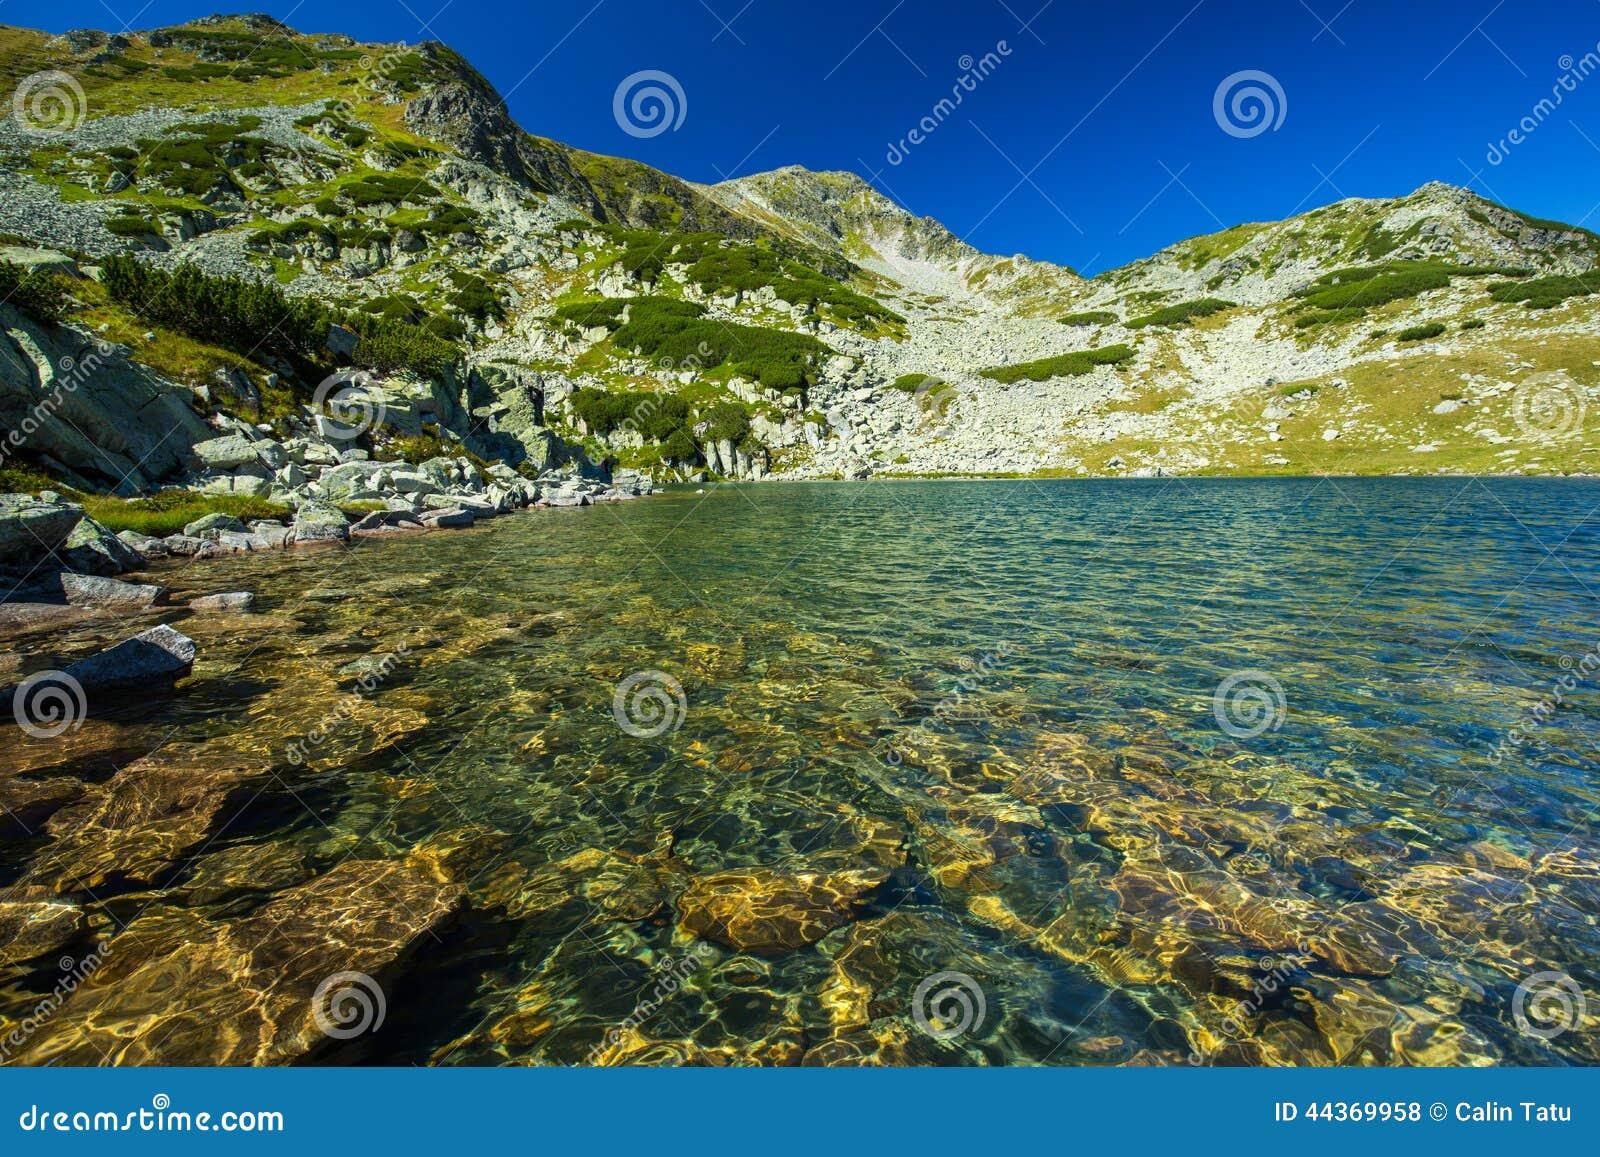 Lago incontaminato del ghiacciaio nelle alpi